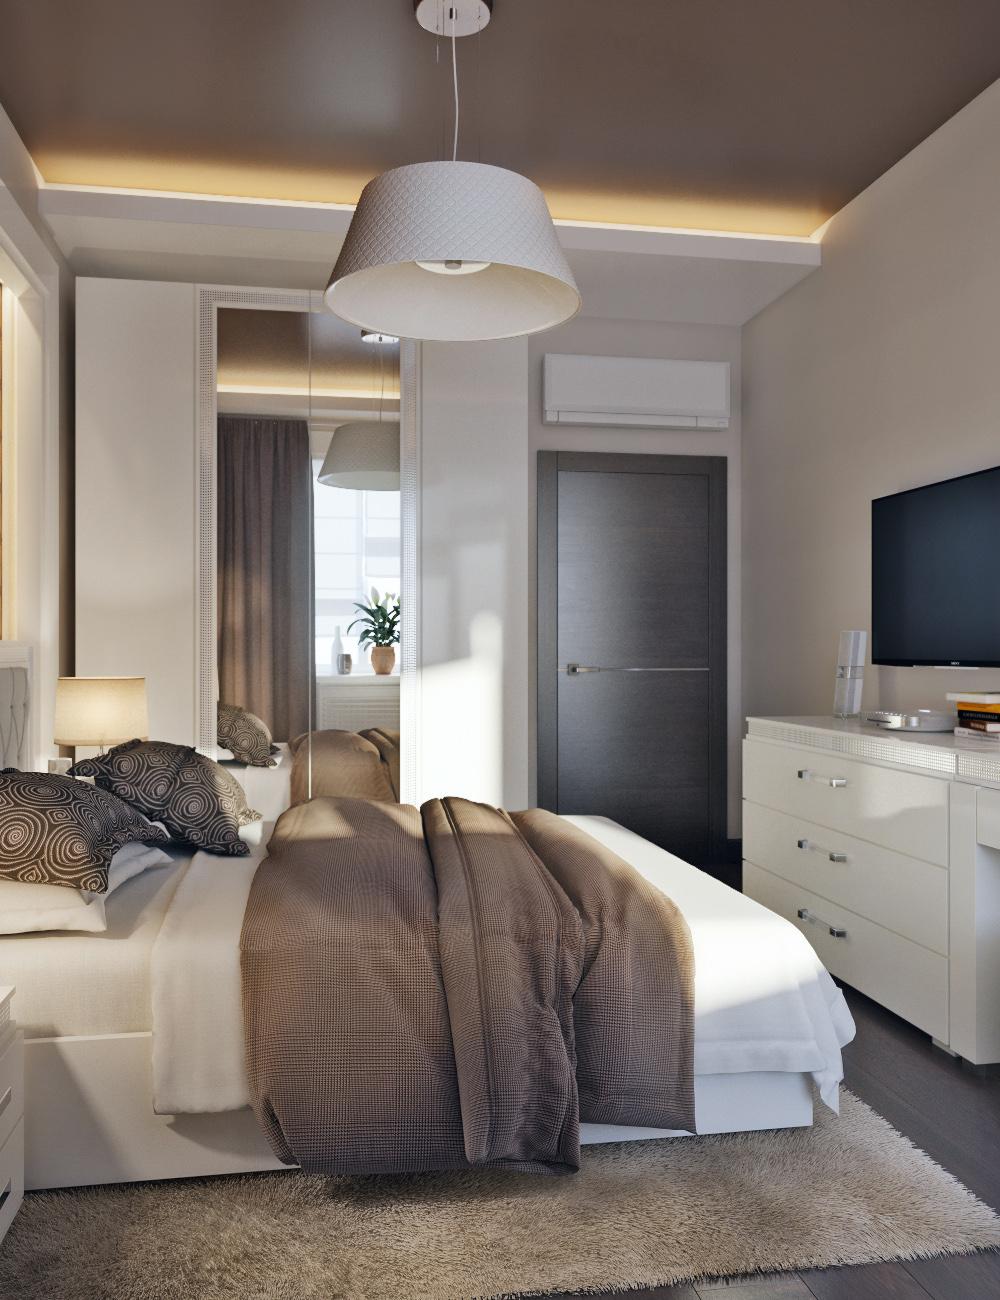 Дизайн спальни 8 кв. м. (87 фото): интерьер маленькой узкой .